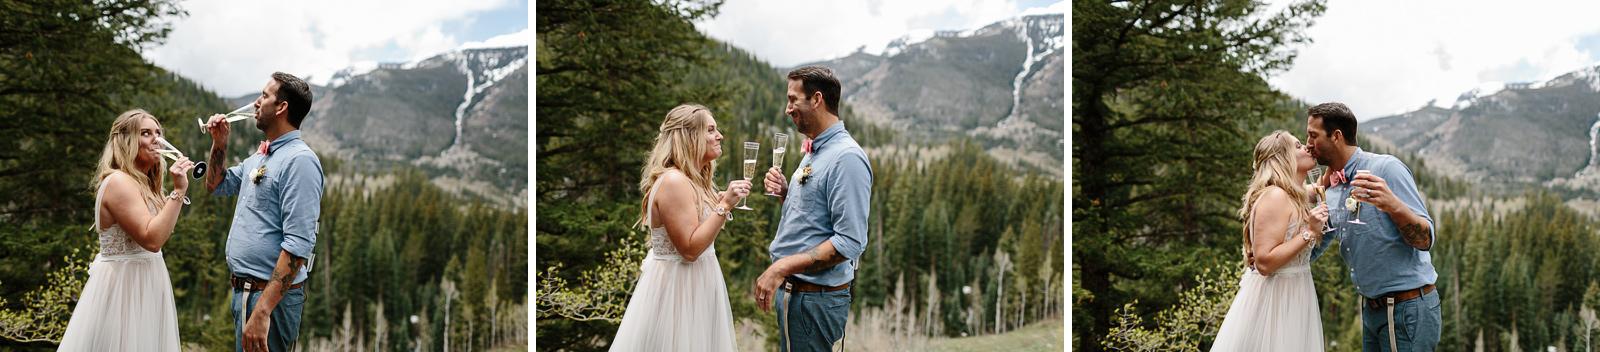 038-vail-elopement-photographer-chris-and-tara.jpg